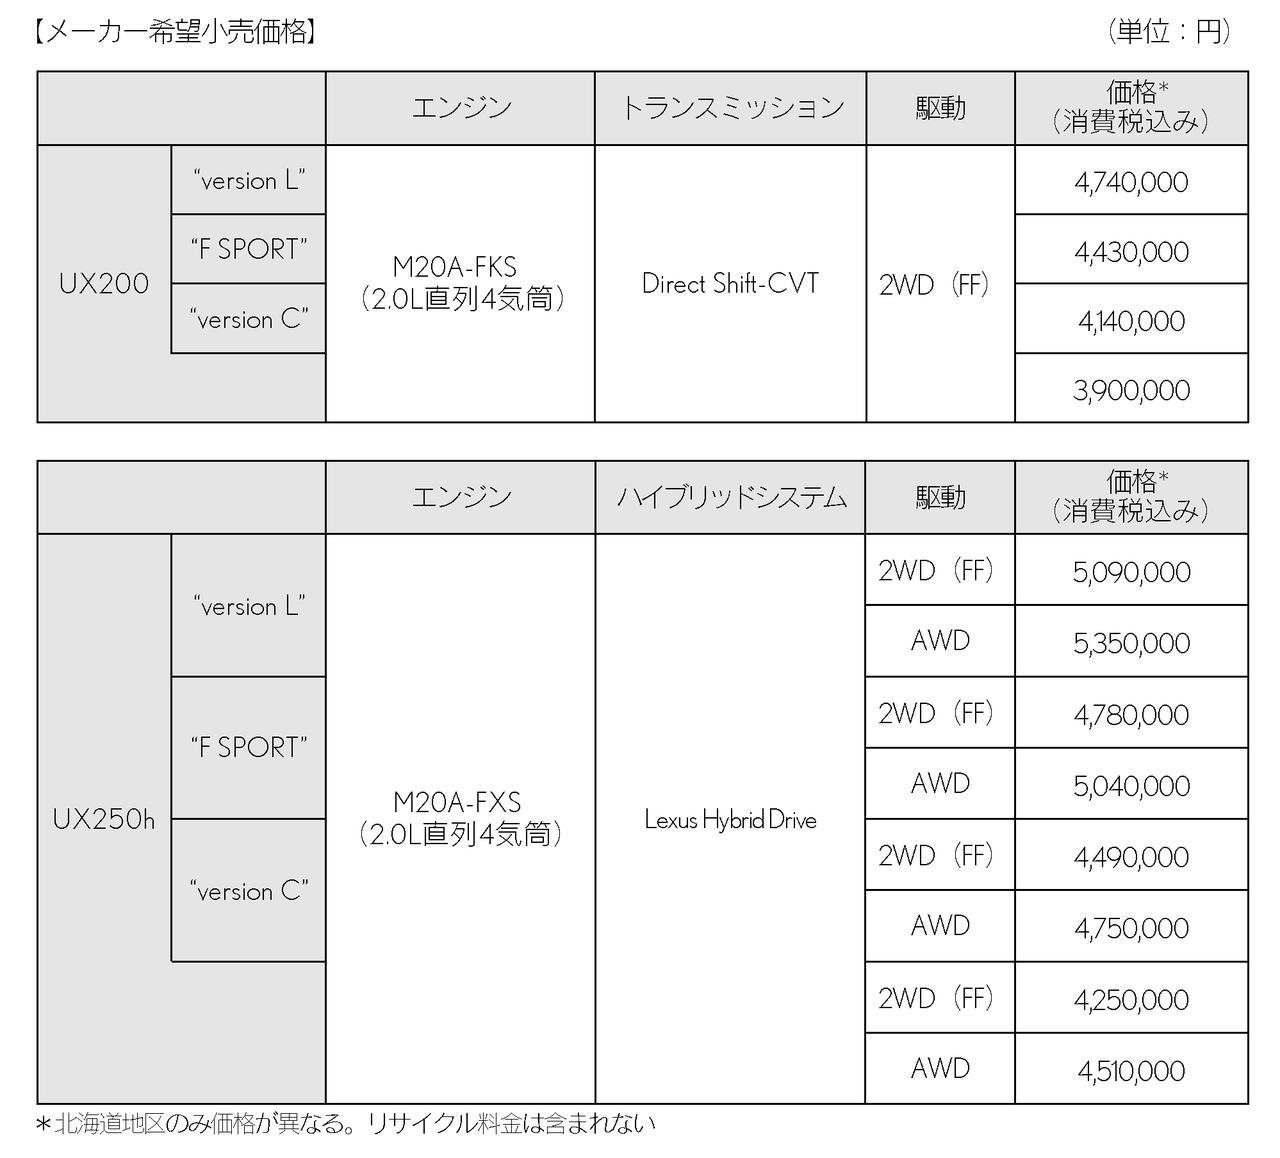 【ニュース】レクサス、ブランニューの小型クロスオーバー「UX」を発売